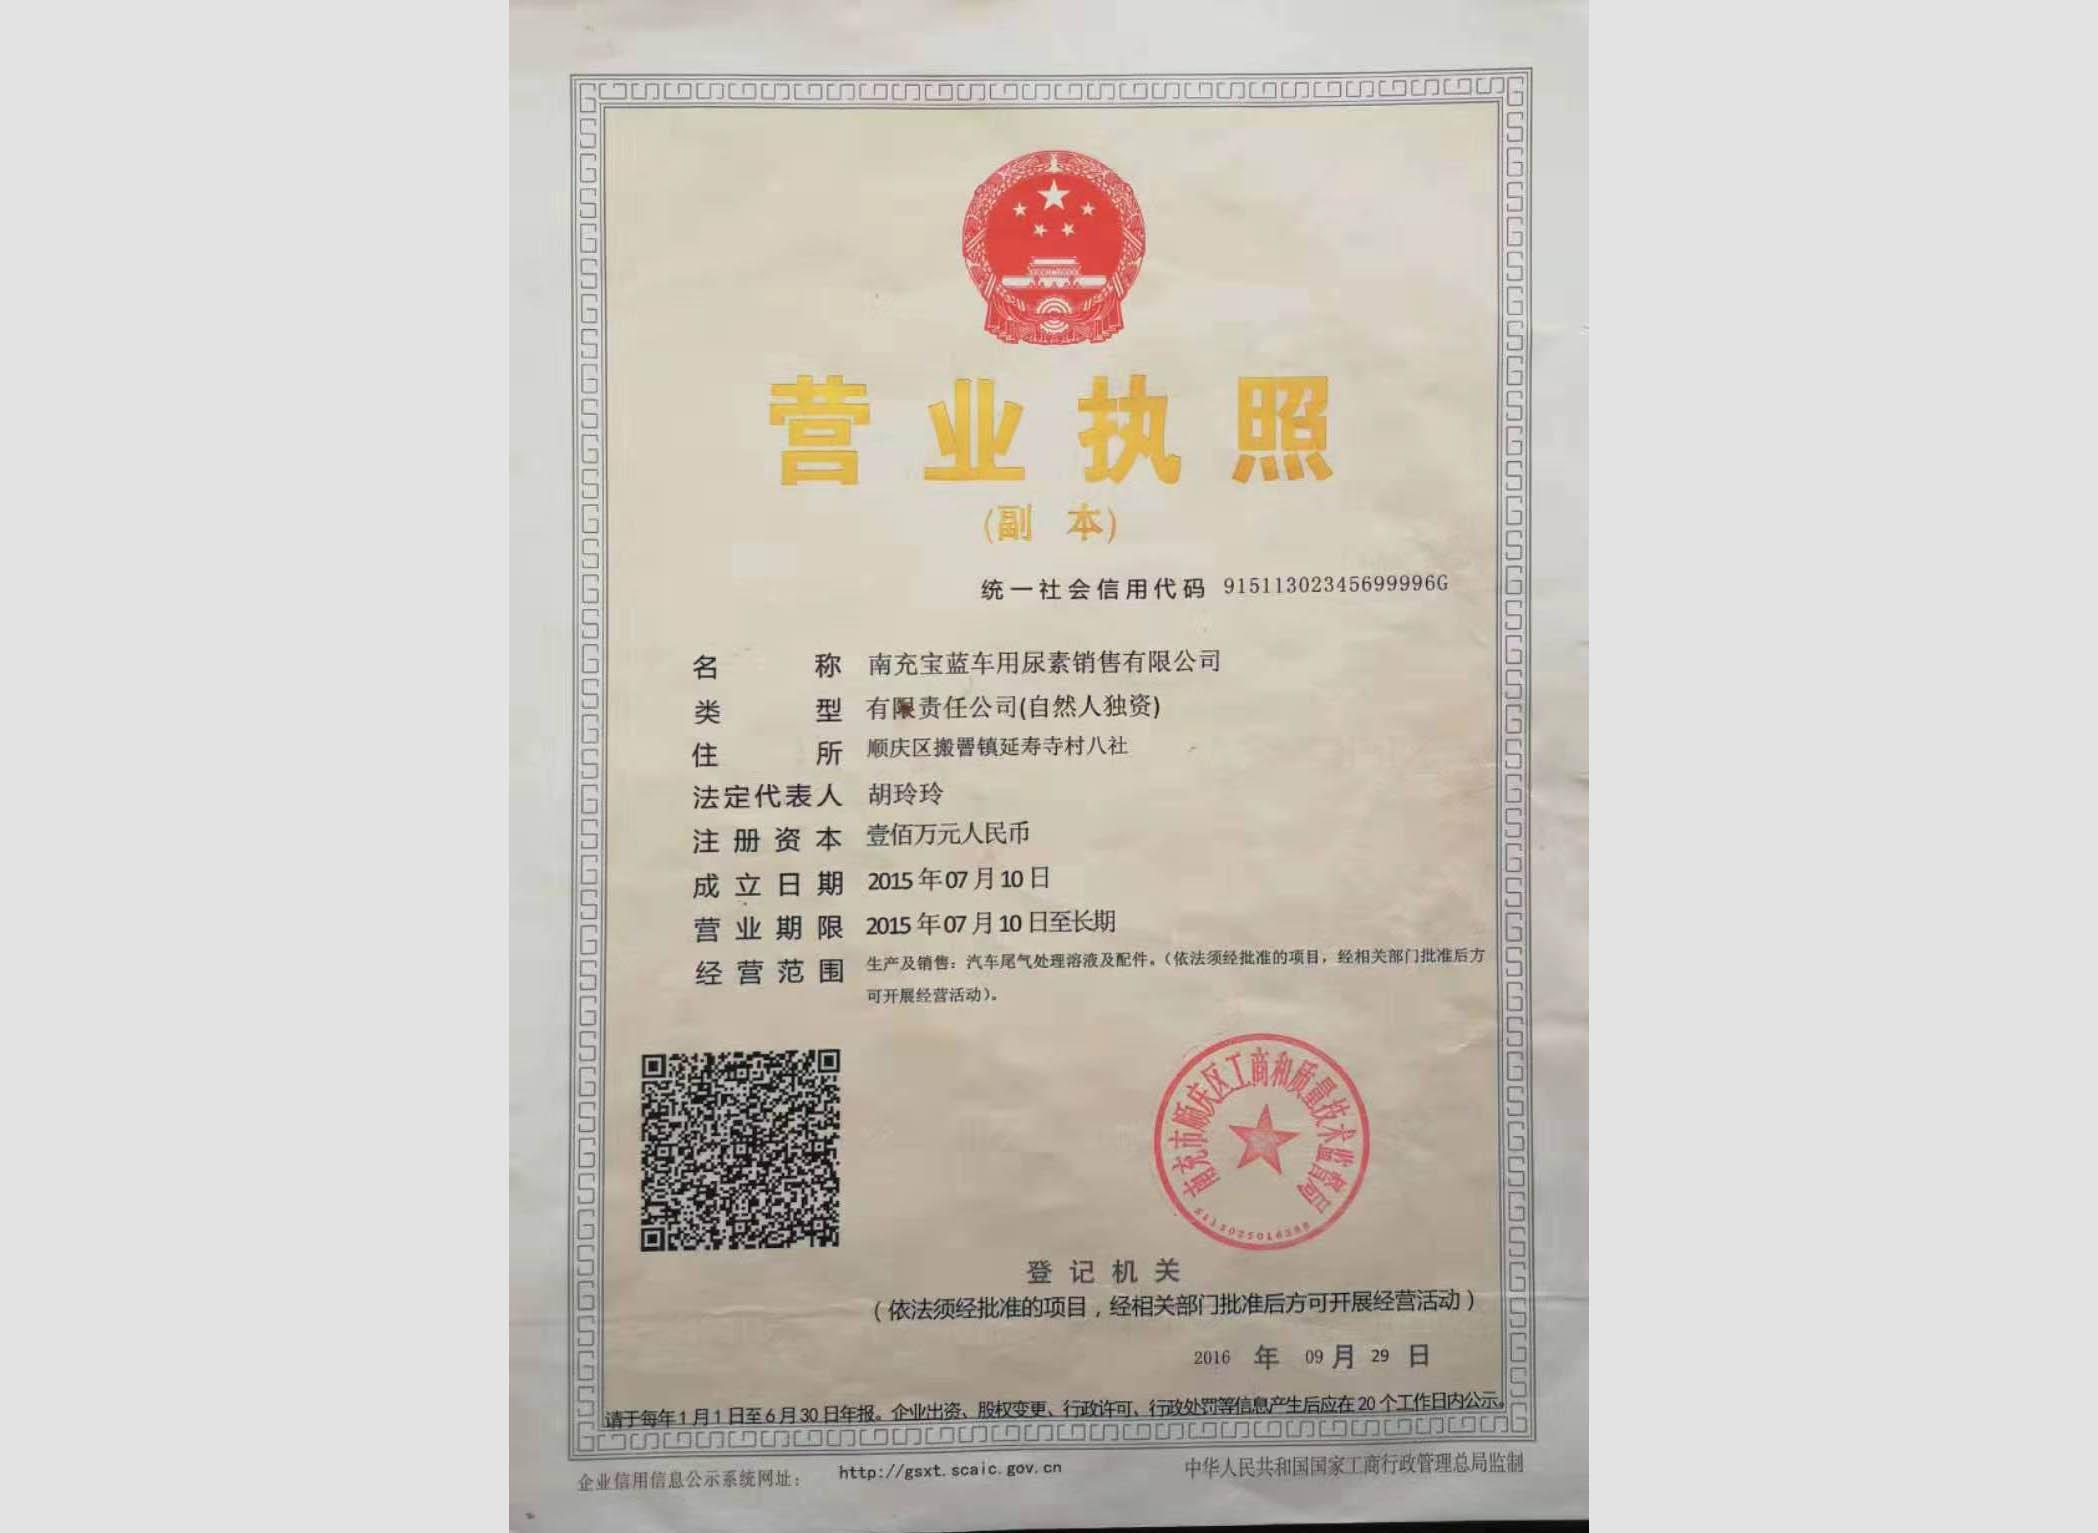 柴油车尾气处理溶液生产厂家营业执照